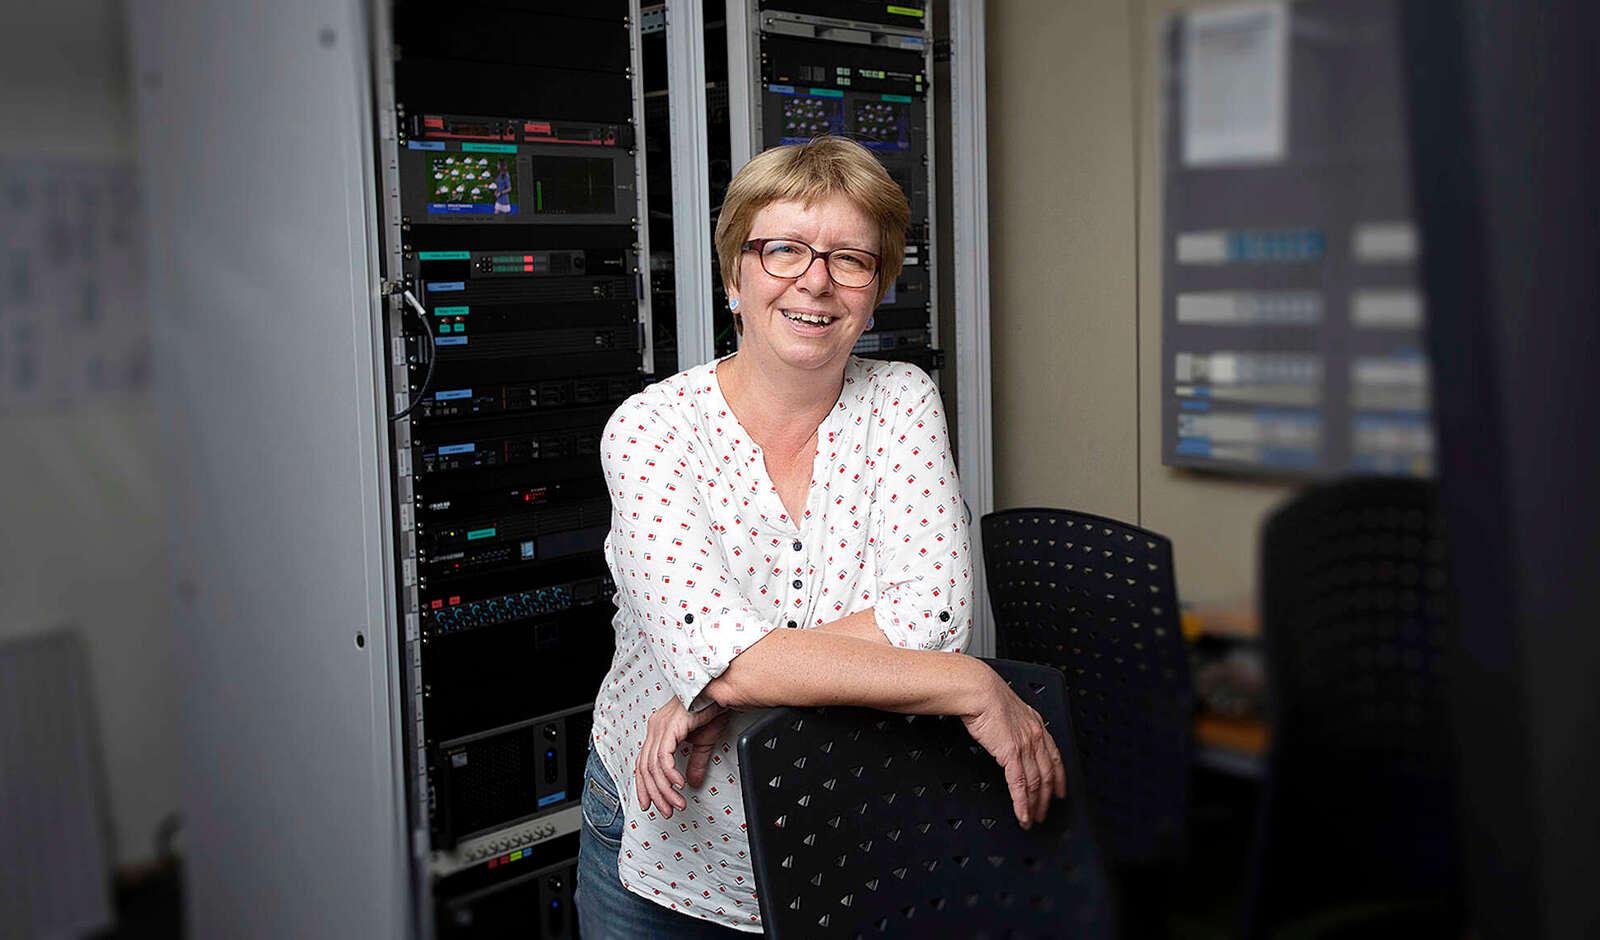 Karin Reinmüller